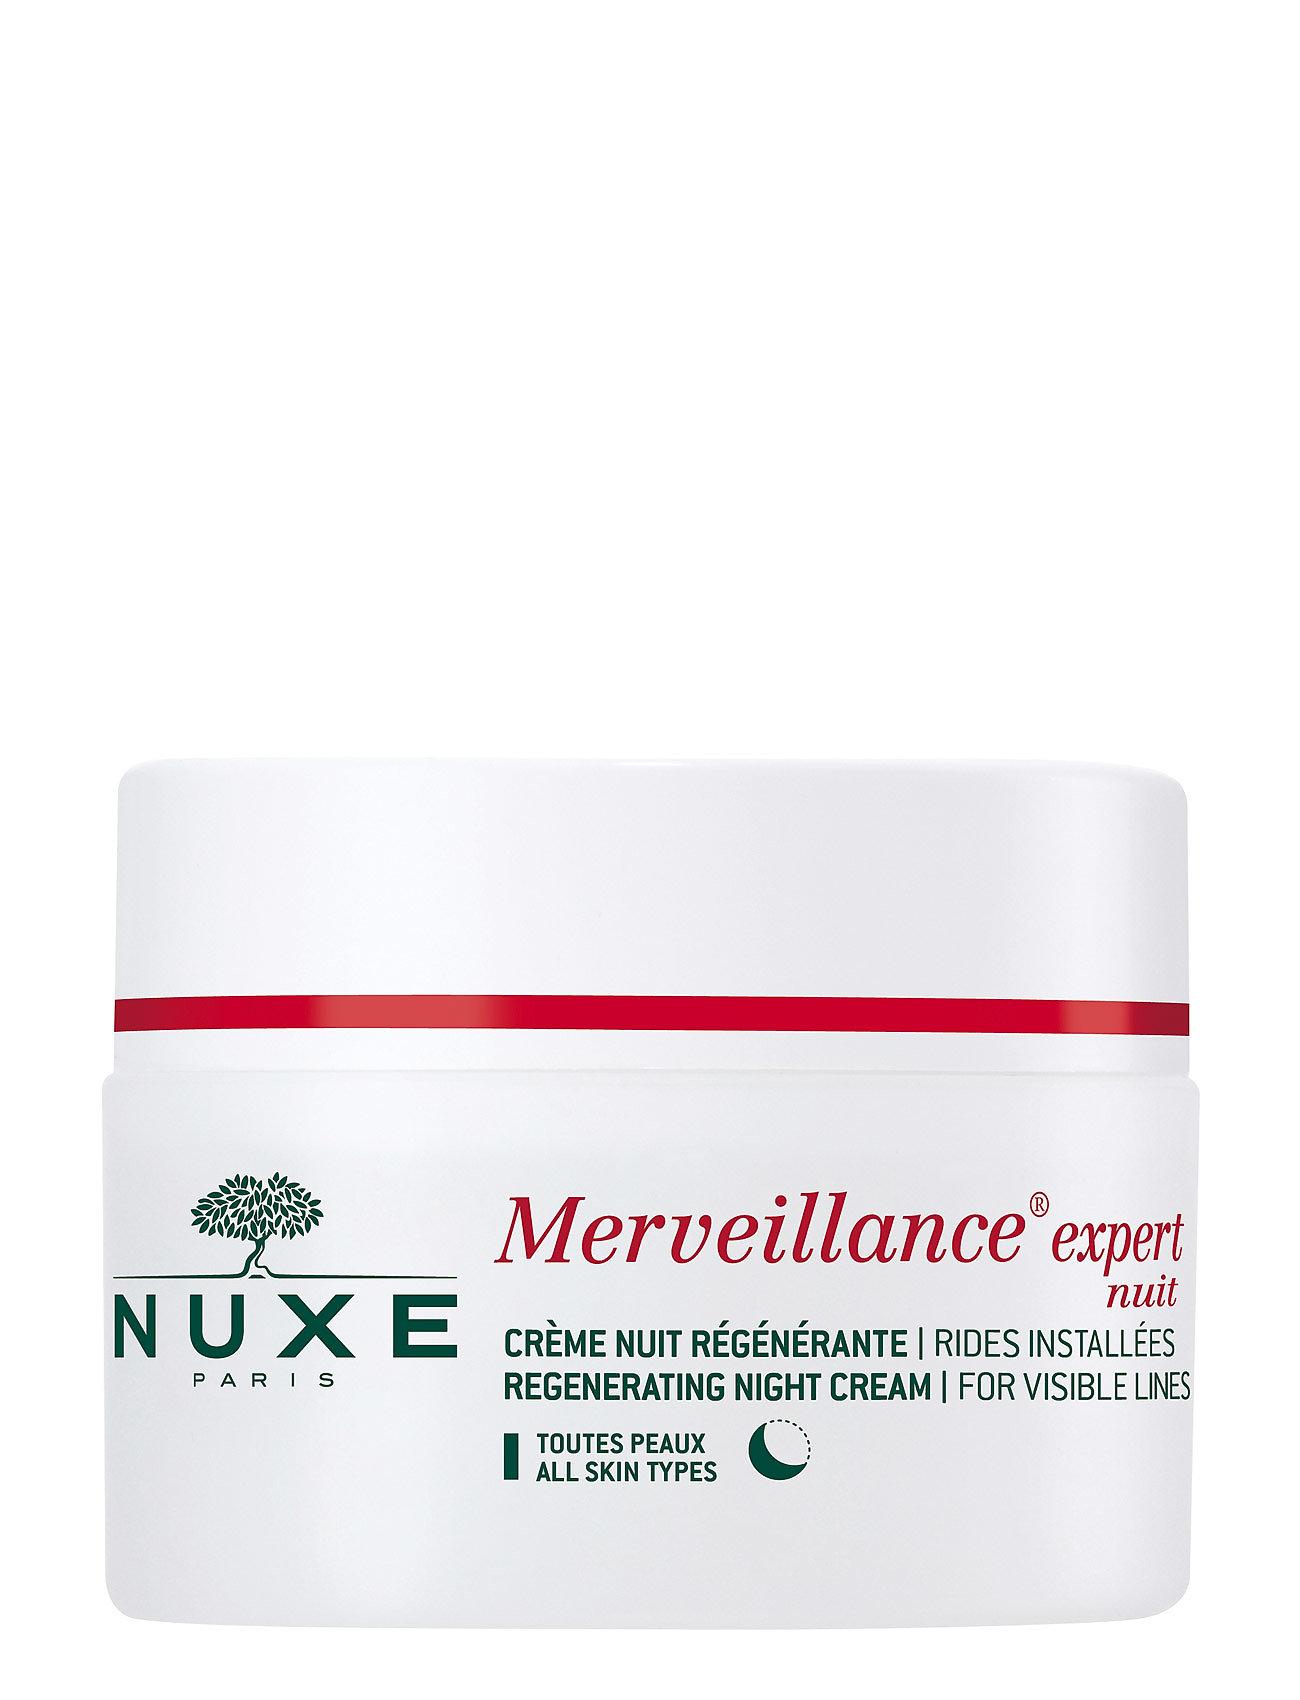 Merveillance expert night cream fra nuxe fra boozt.com dk